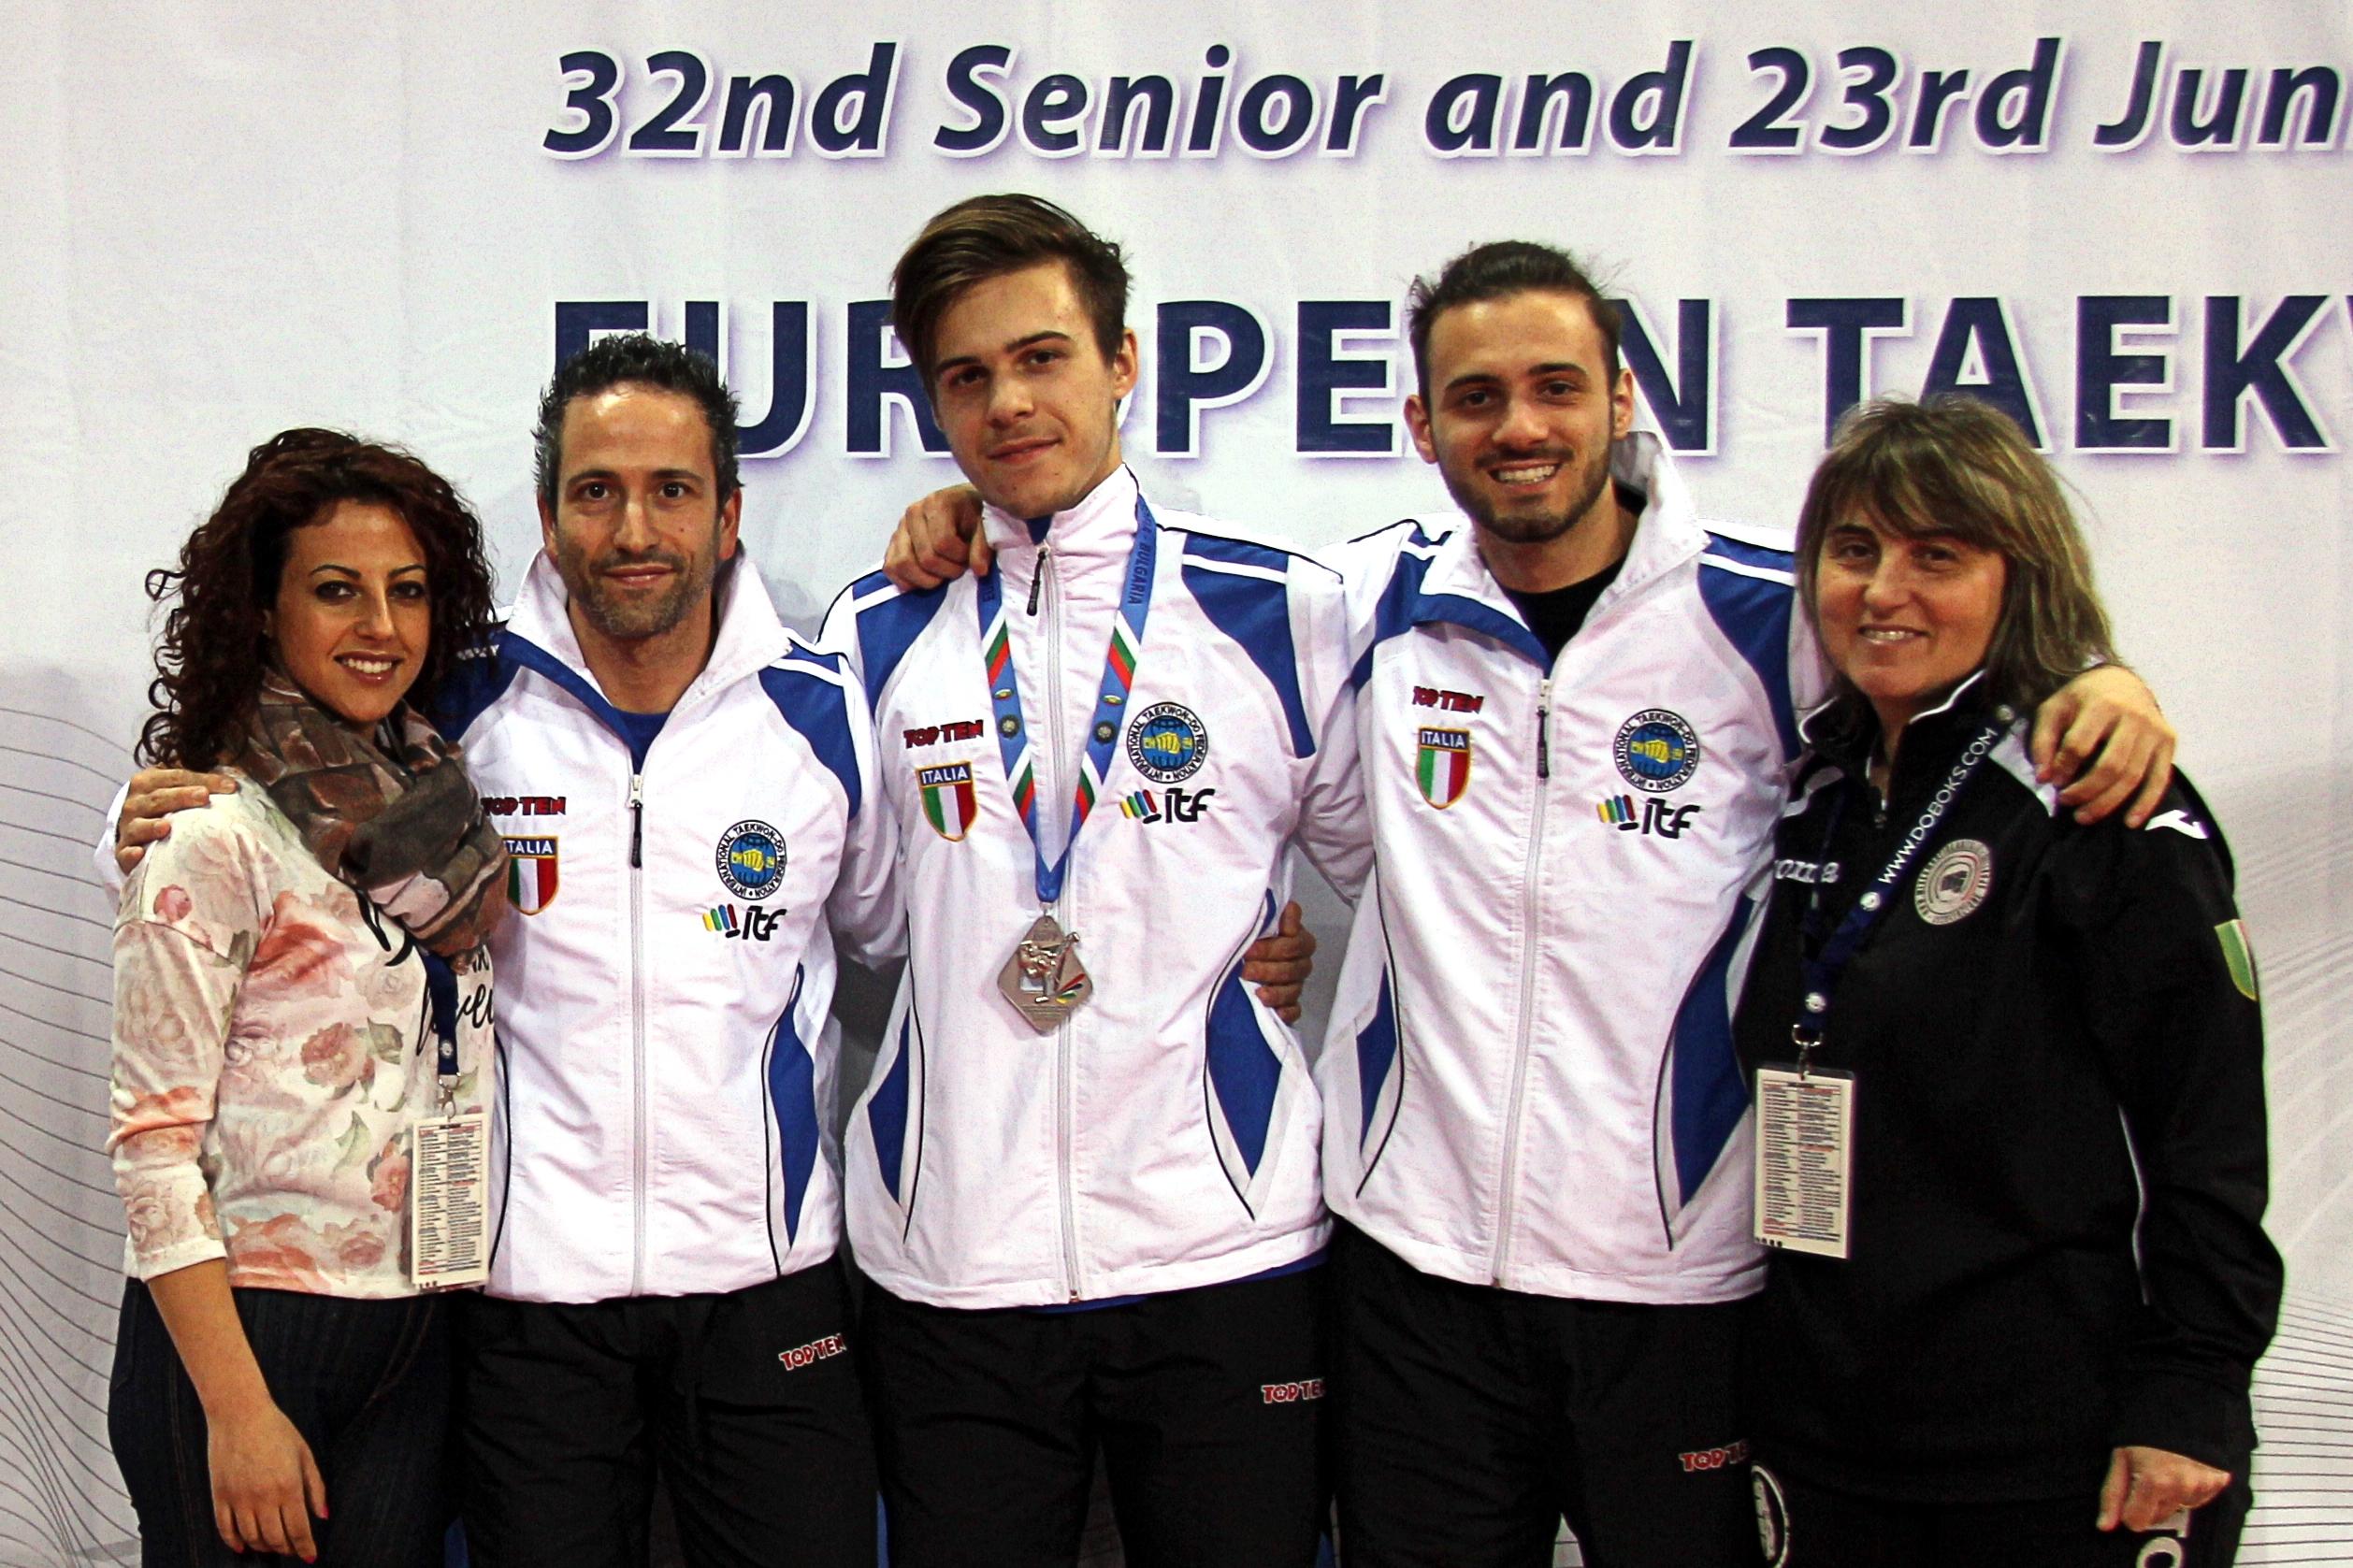 Taekwondo, argento europeo per Di Profio. Persia vola in Svezia per il seminario internazionale